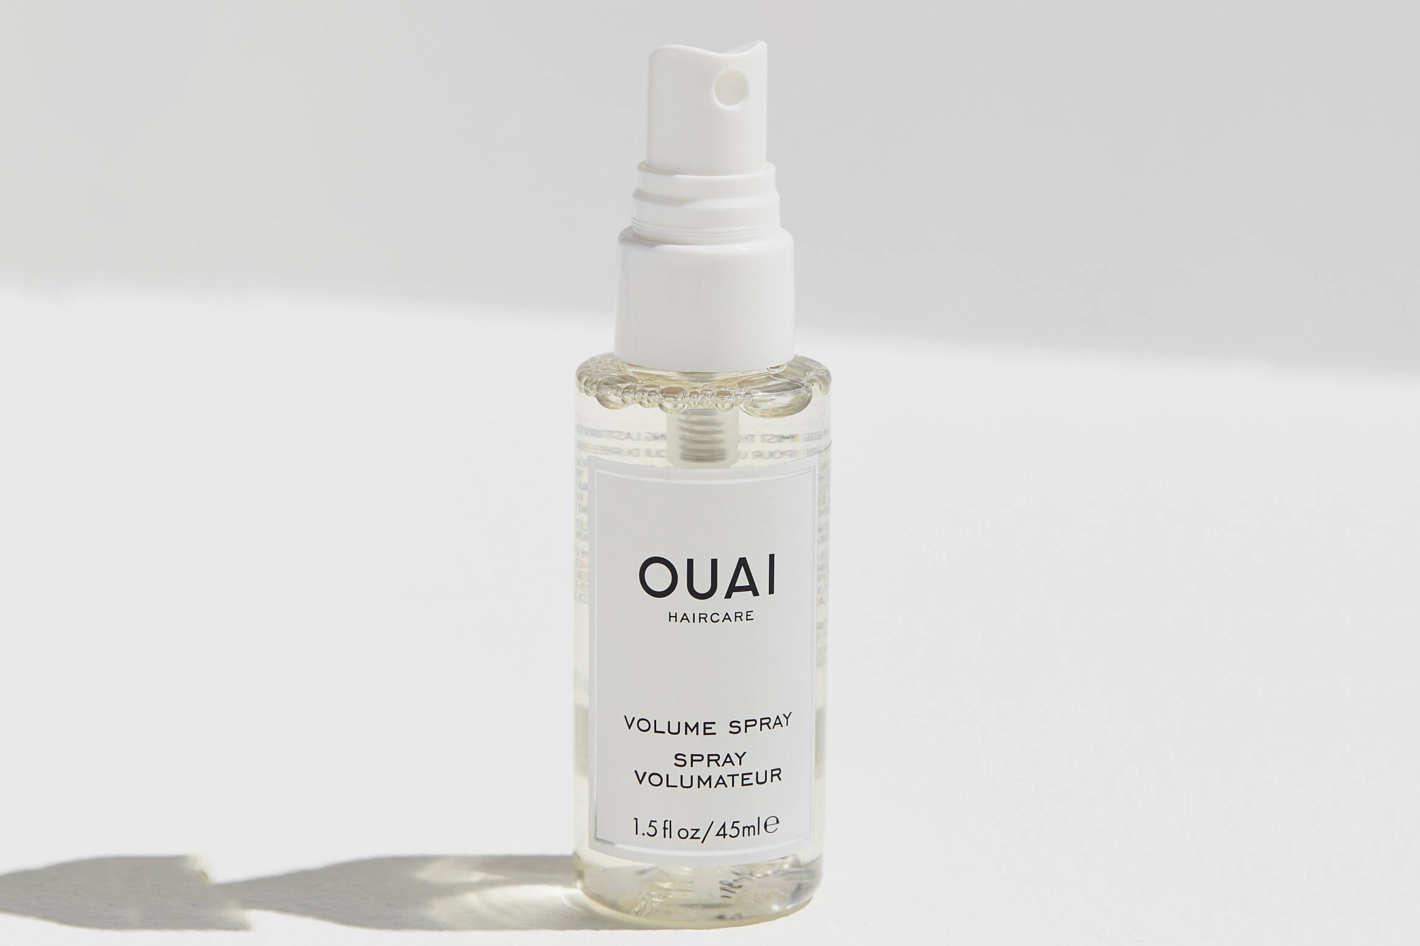 Ouai Mini Volume Spray